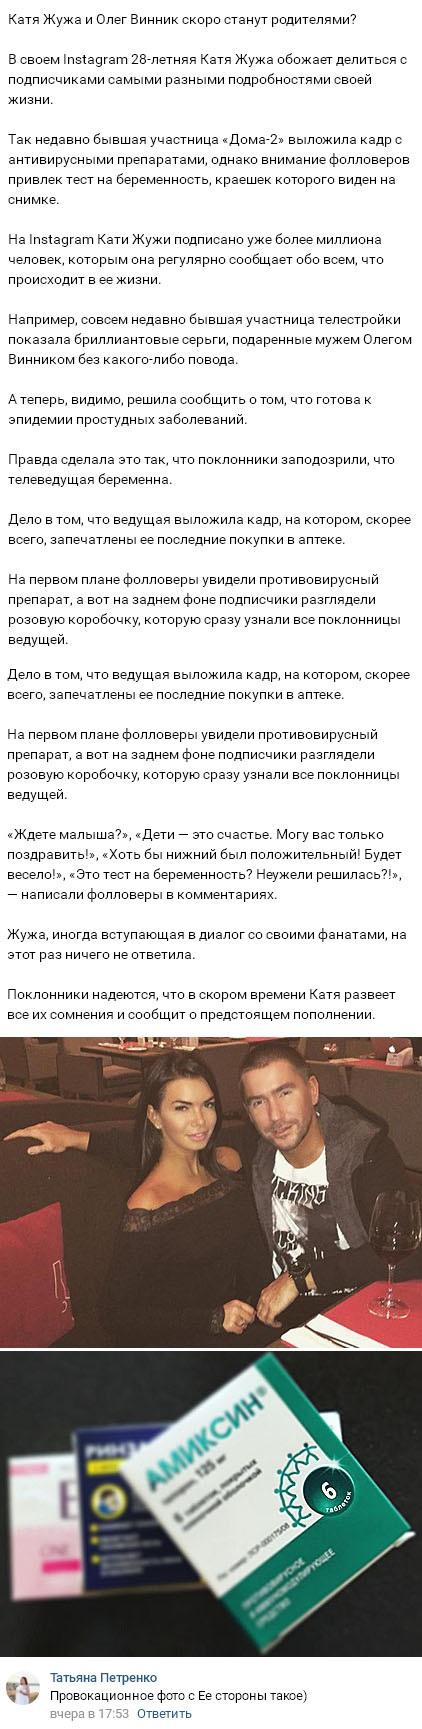 Екатерина Жужа спалилась с тестом на беременность